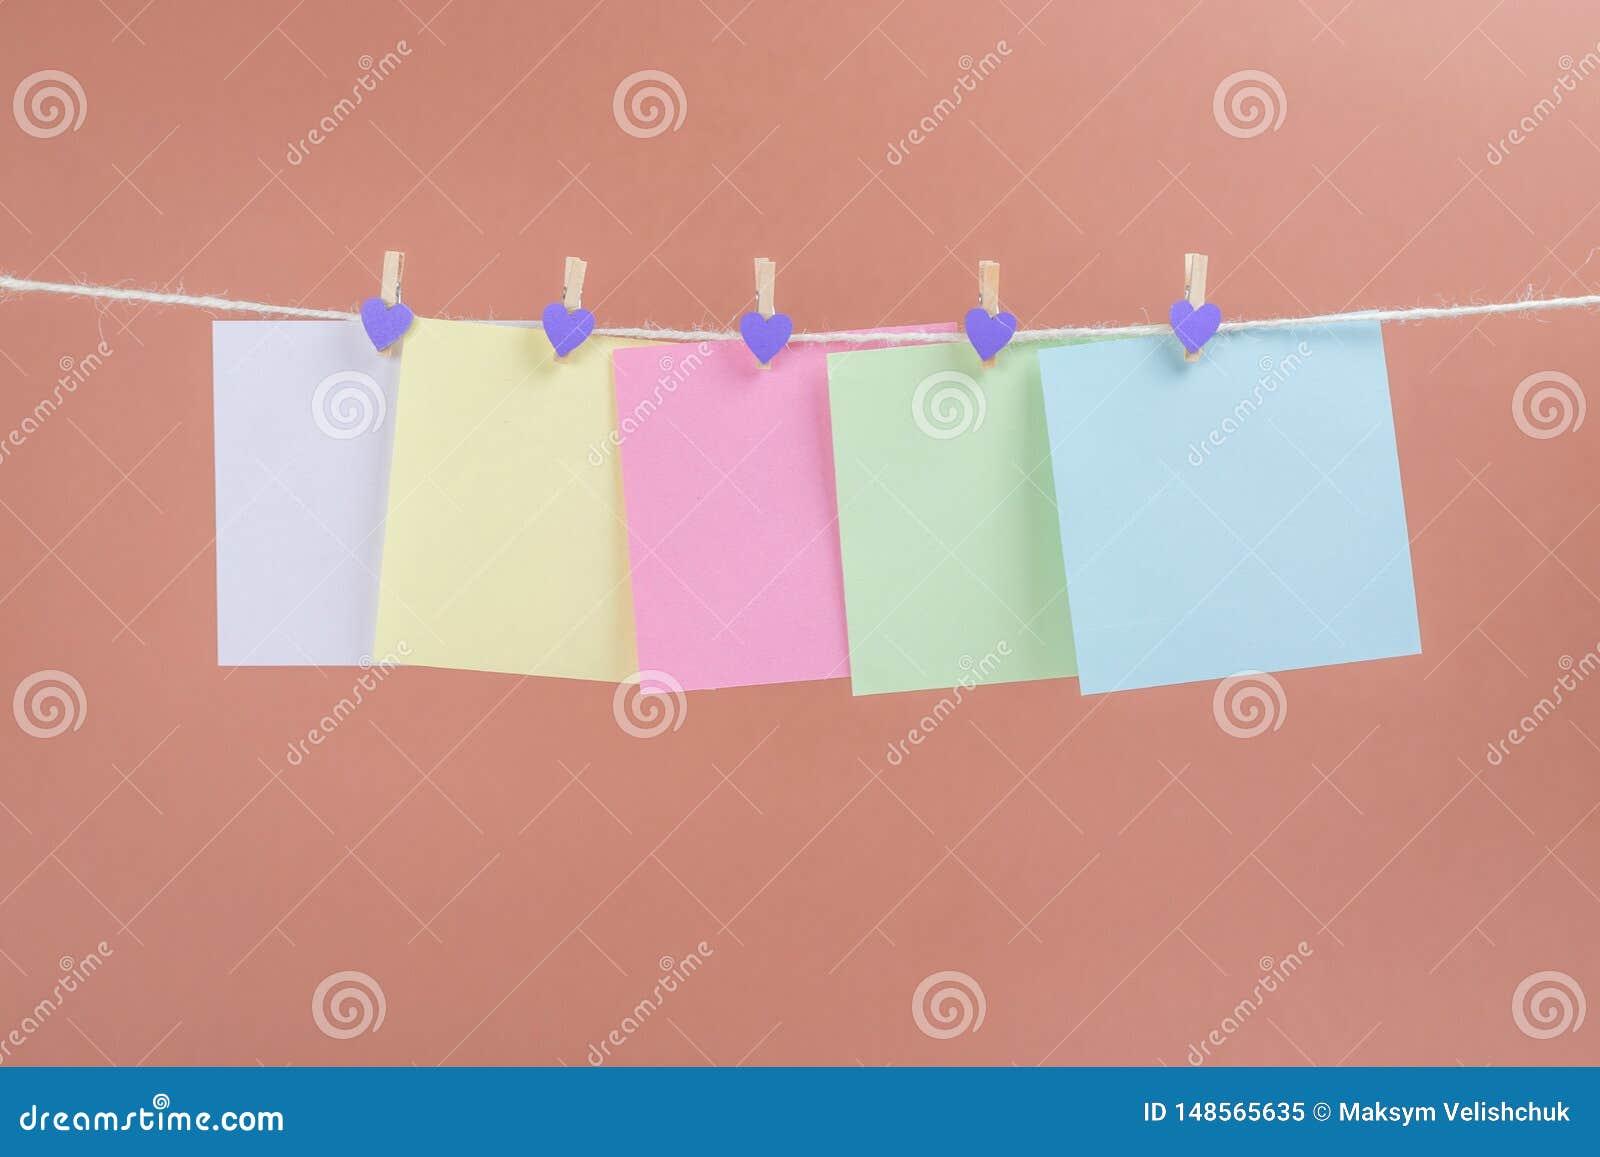 Ζωηρόχρωμες κάρτες εγγράφου που κρεμούν το σχοινί που απομονώνεται στο καφετί υπόβαθρο